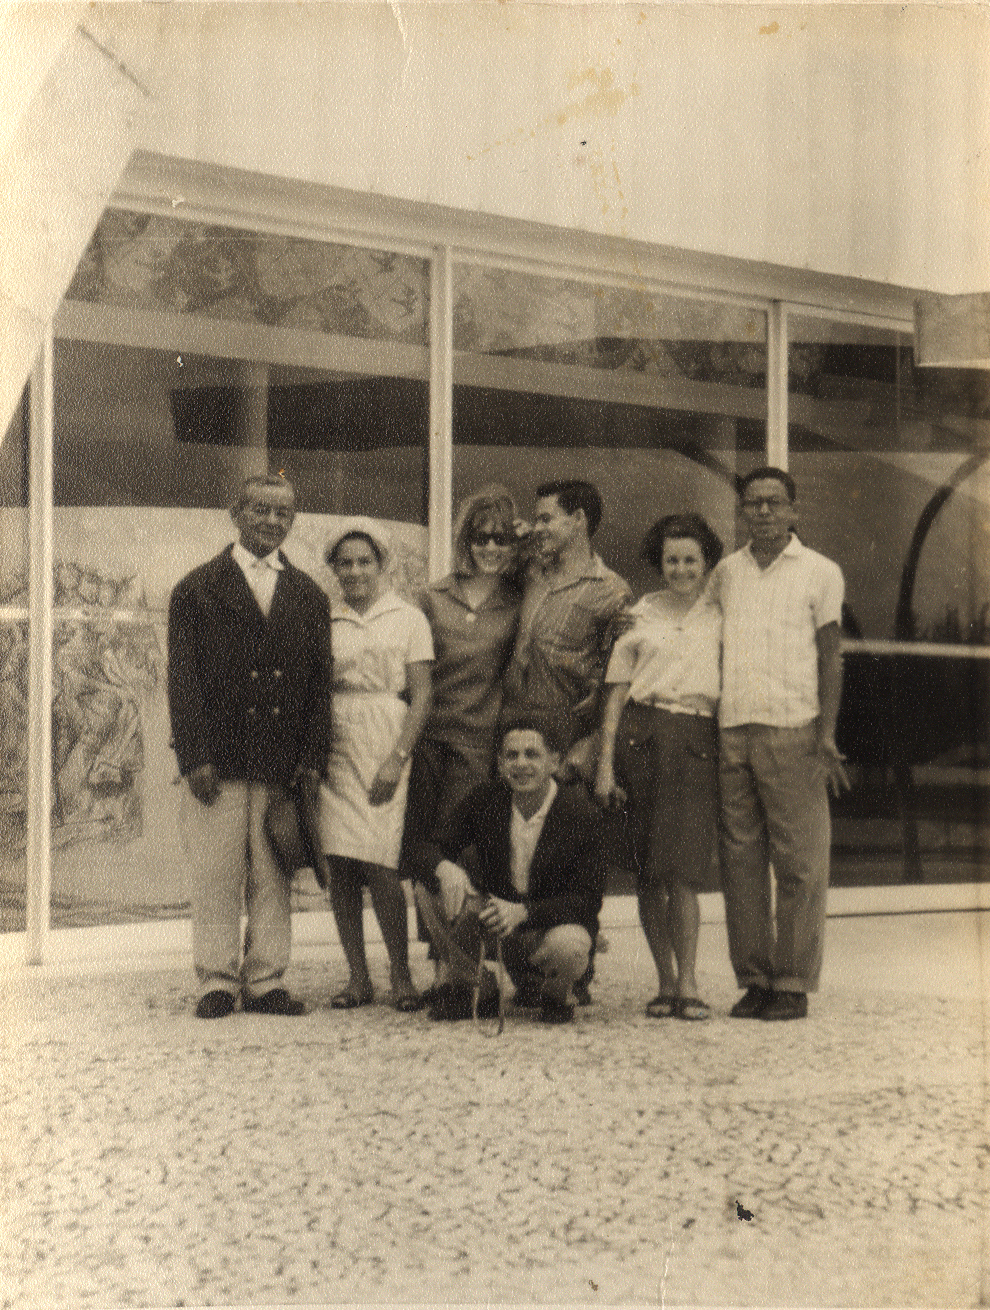 Família de Tomaz visita Belo Horizonte, posando em frente à Igreja de São Francisco de Assis. Foto: Joaquim Bispo. Arquivo pessoal